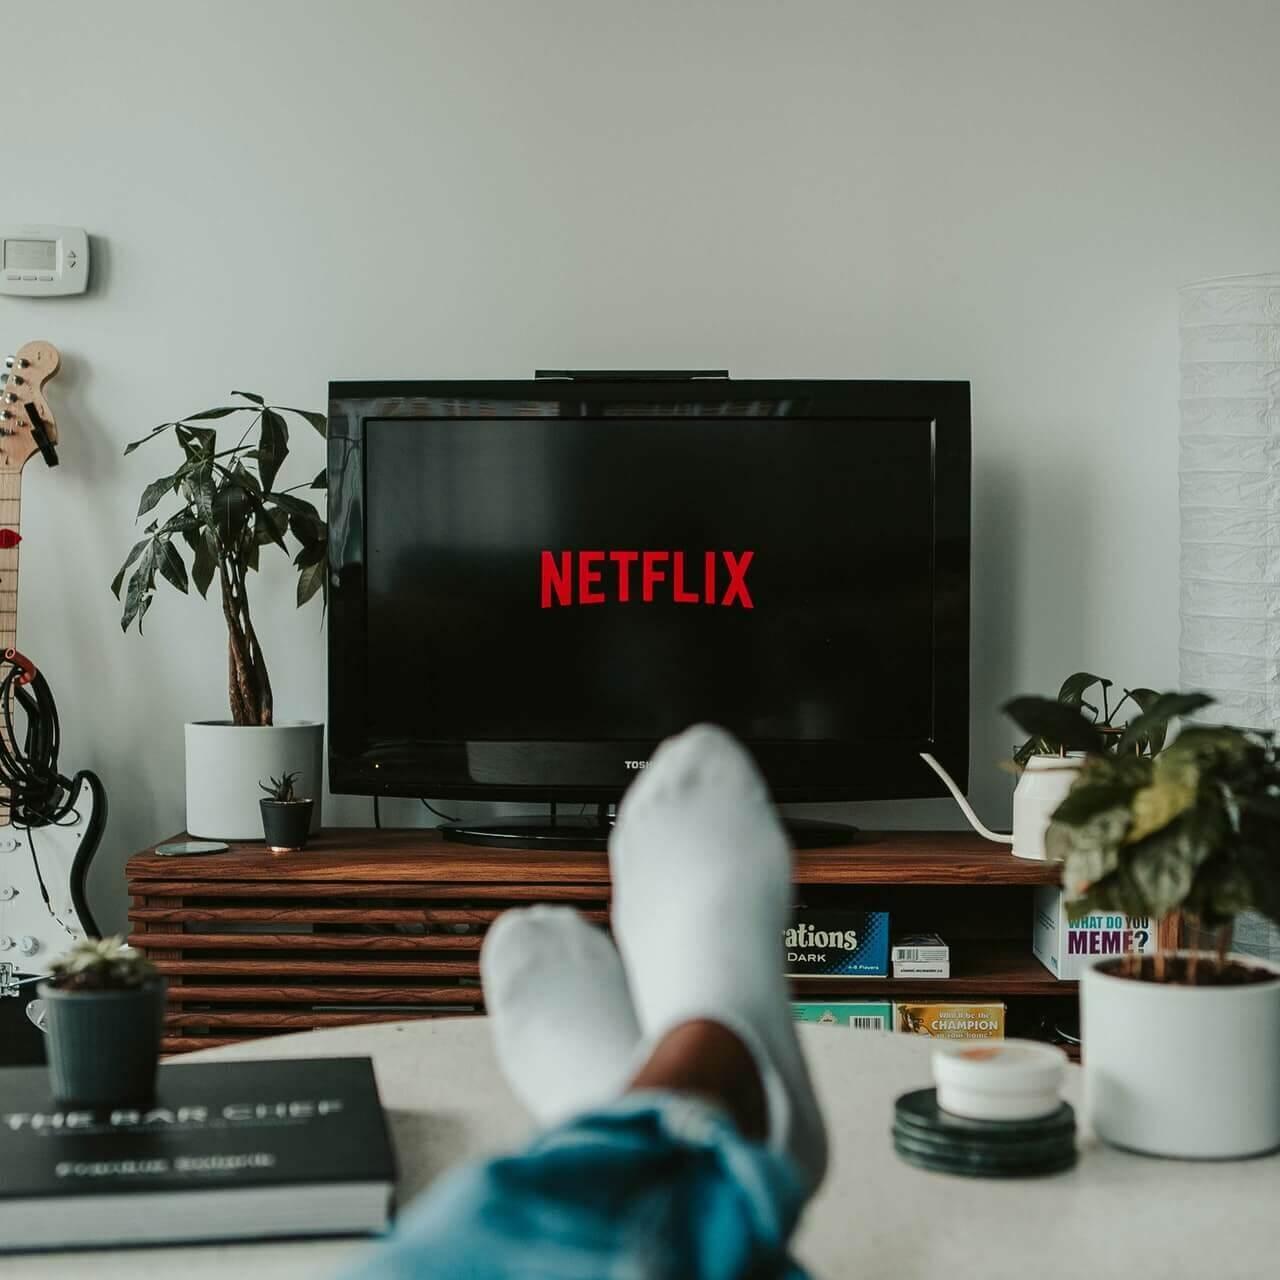 Skandinavische Serien bei Netflix